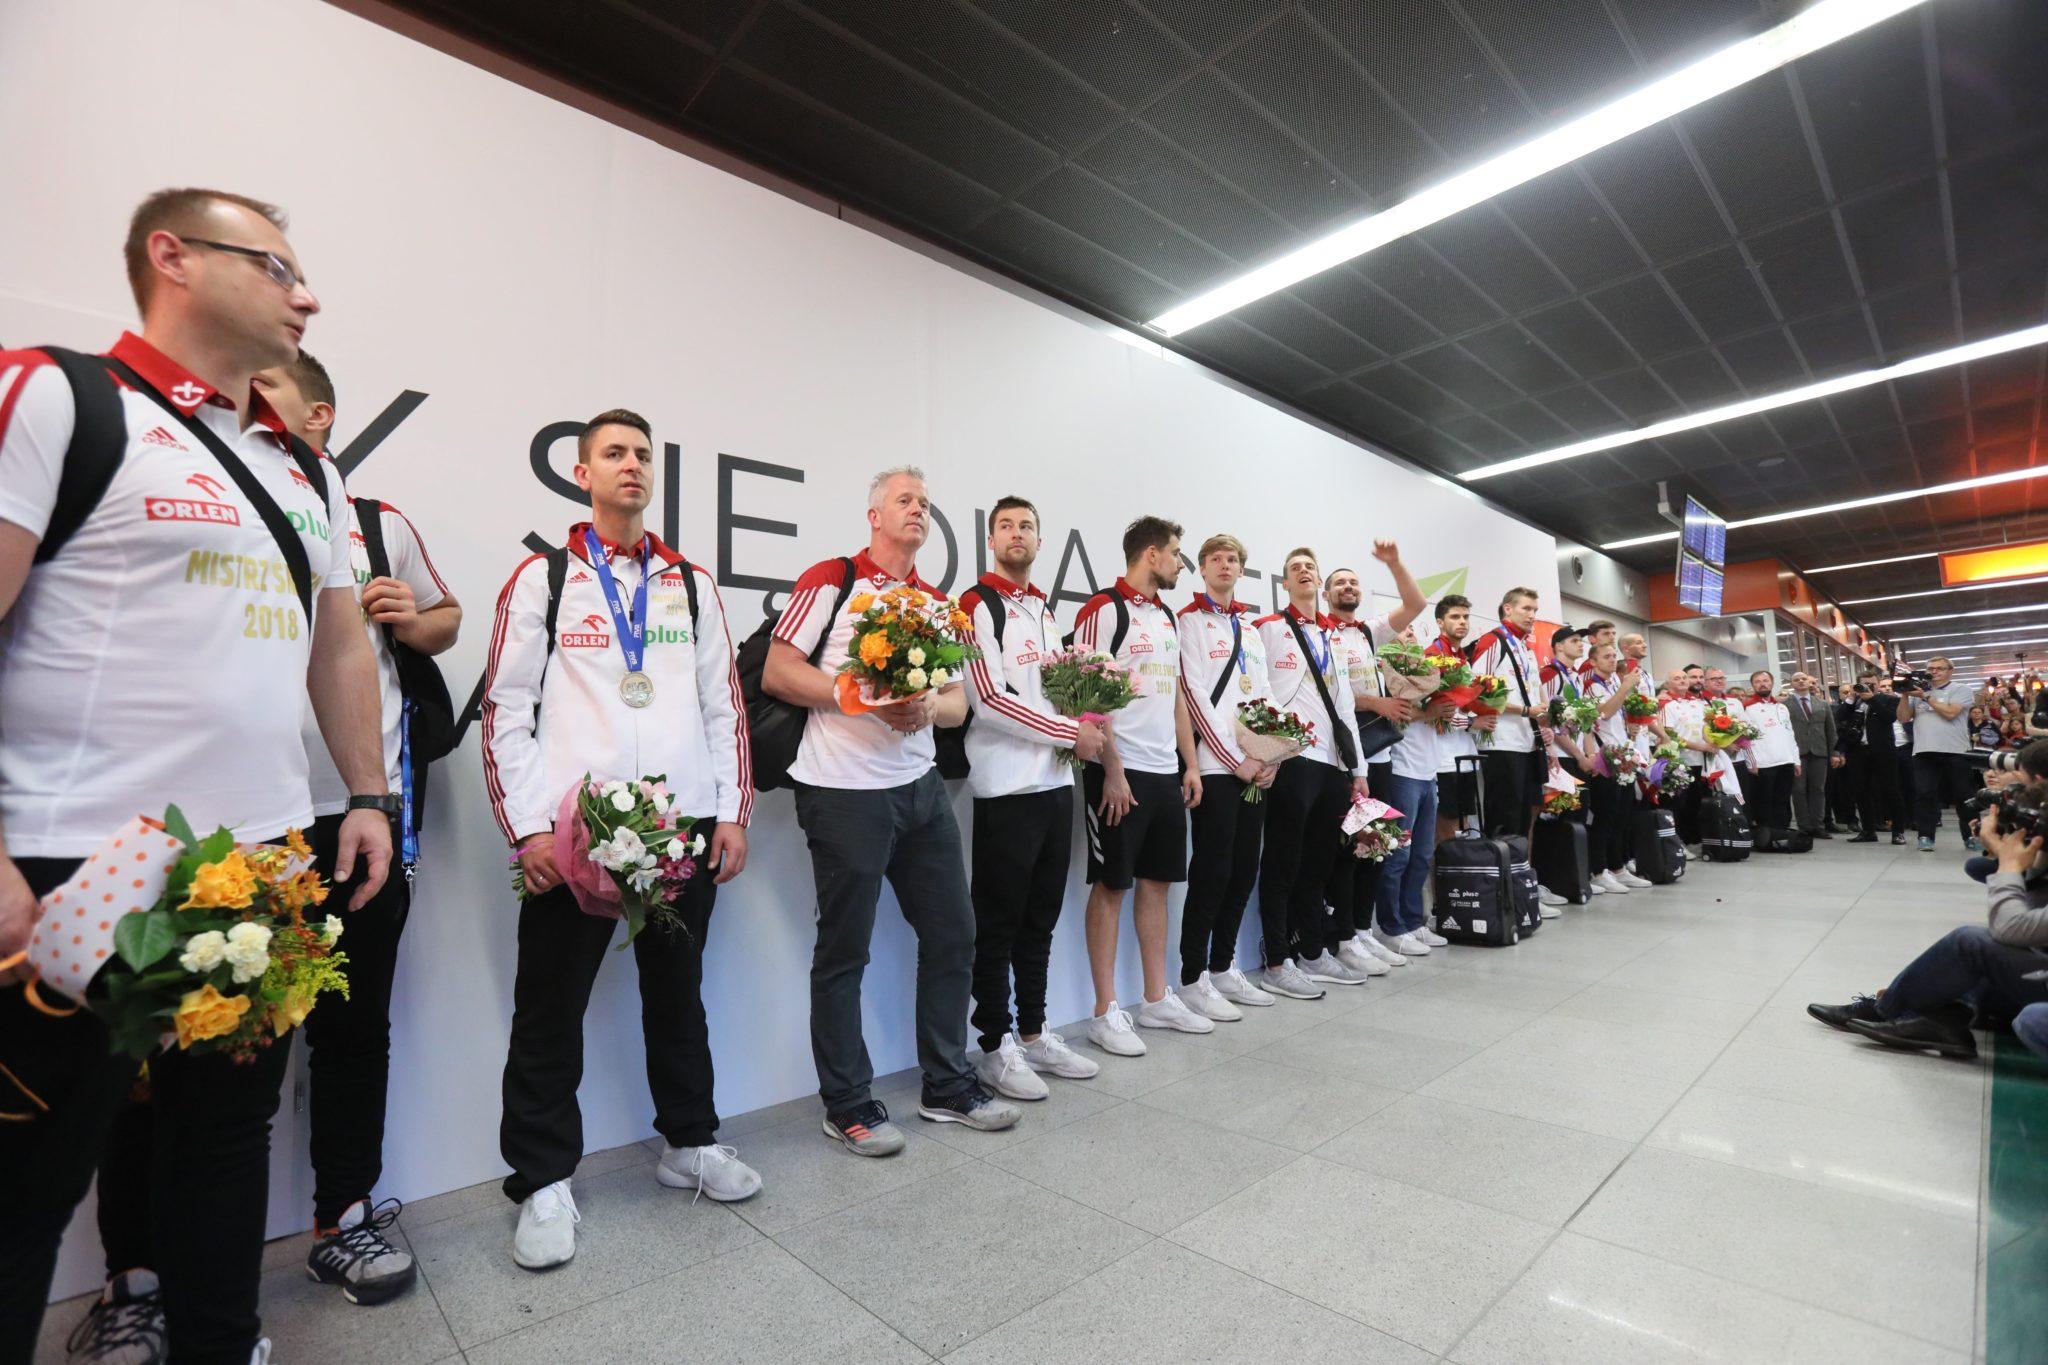 - Nieprawdopodobne - tak jednym słowem określił to, co się działo na MŚ 2018 Vital Heynen, selekcjoner reprezentacji Polski siatkarzy. Polacy zdobyli w niedzielę mistrzostwo świata